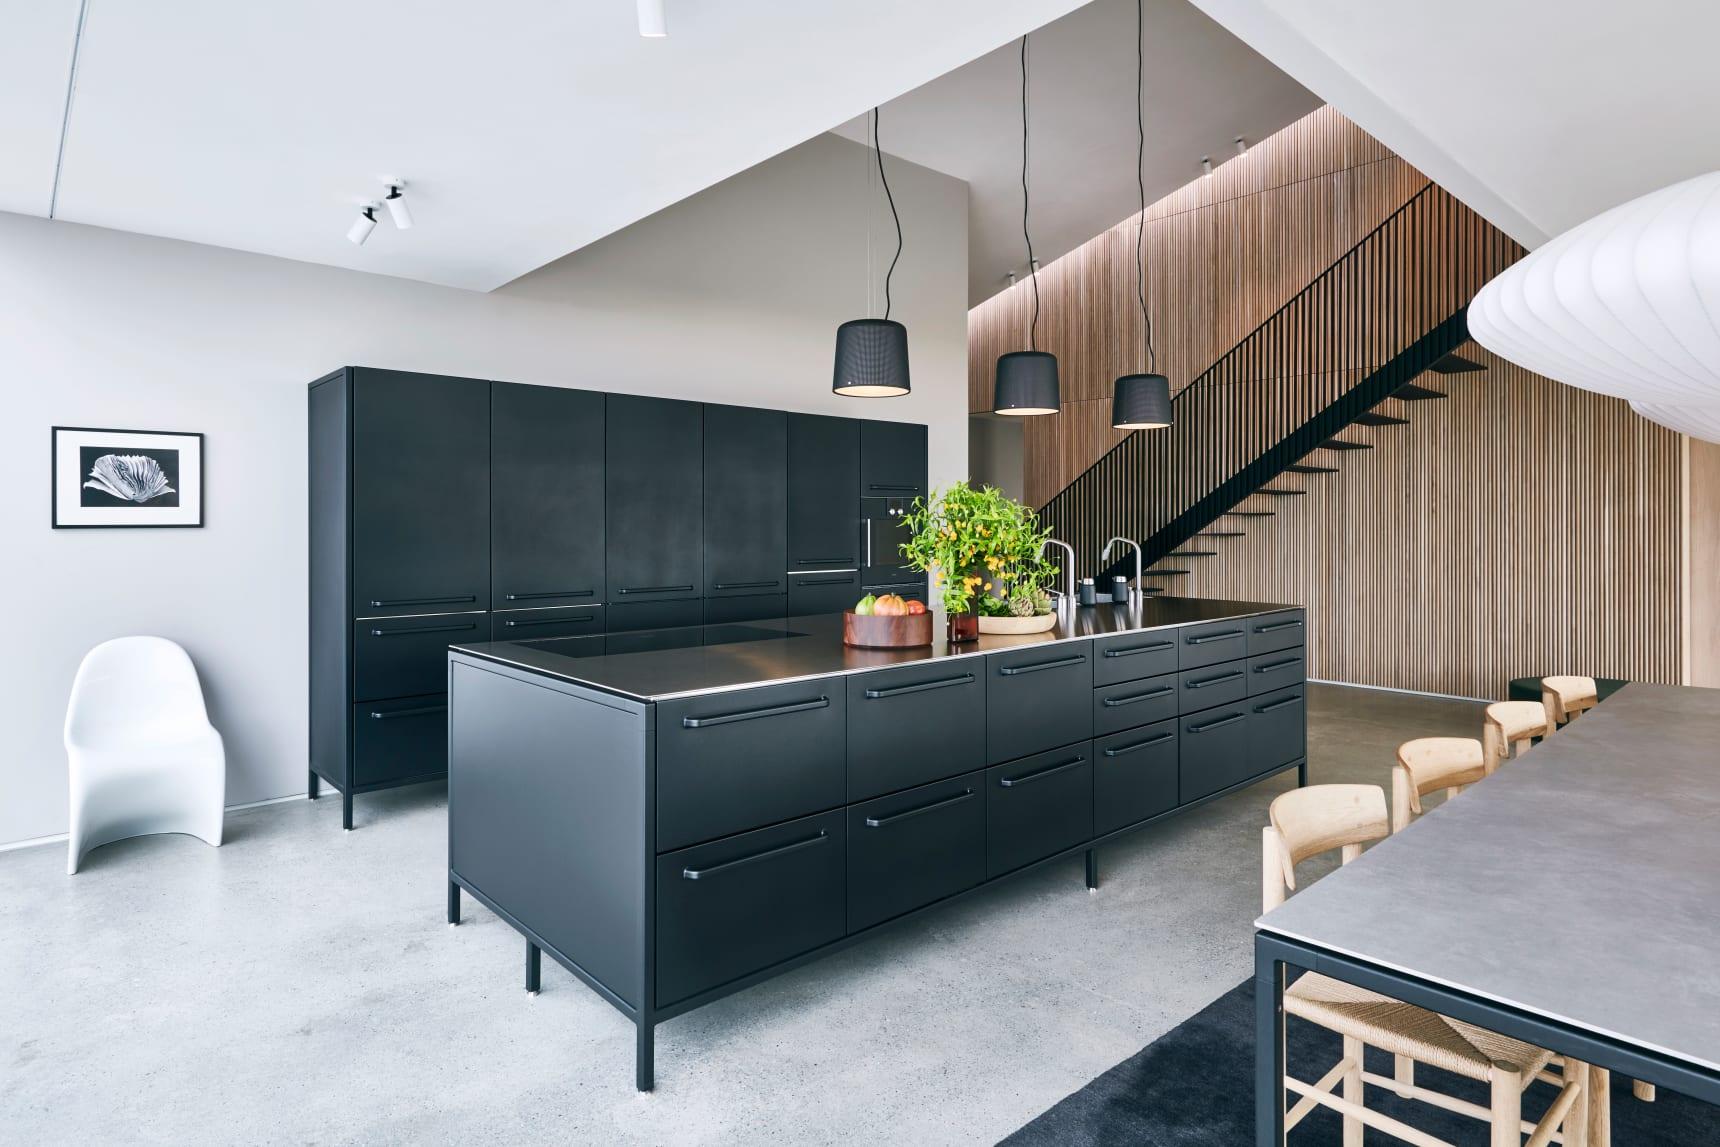 Küchen-Design Inspirationen: So könnte Deine nächste Küche aussehen 8